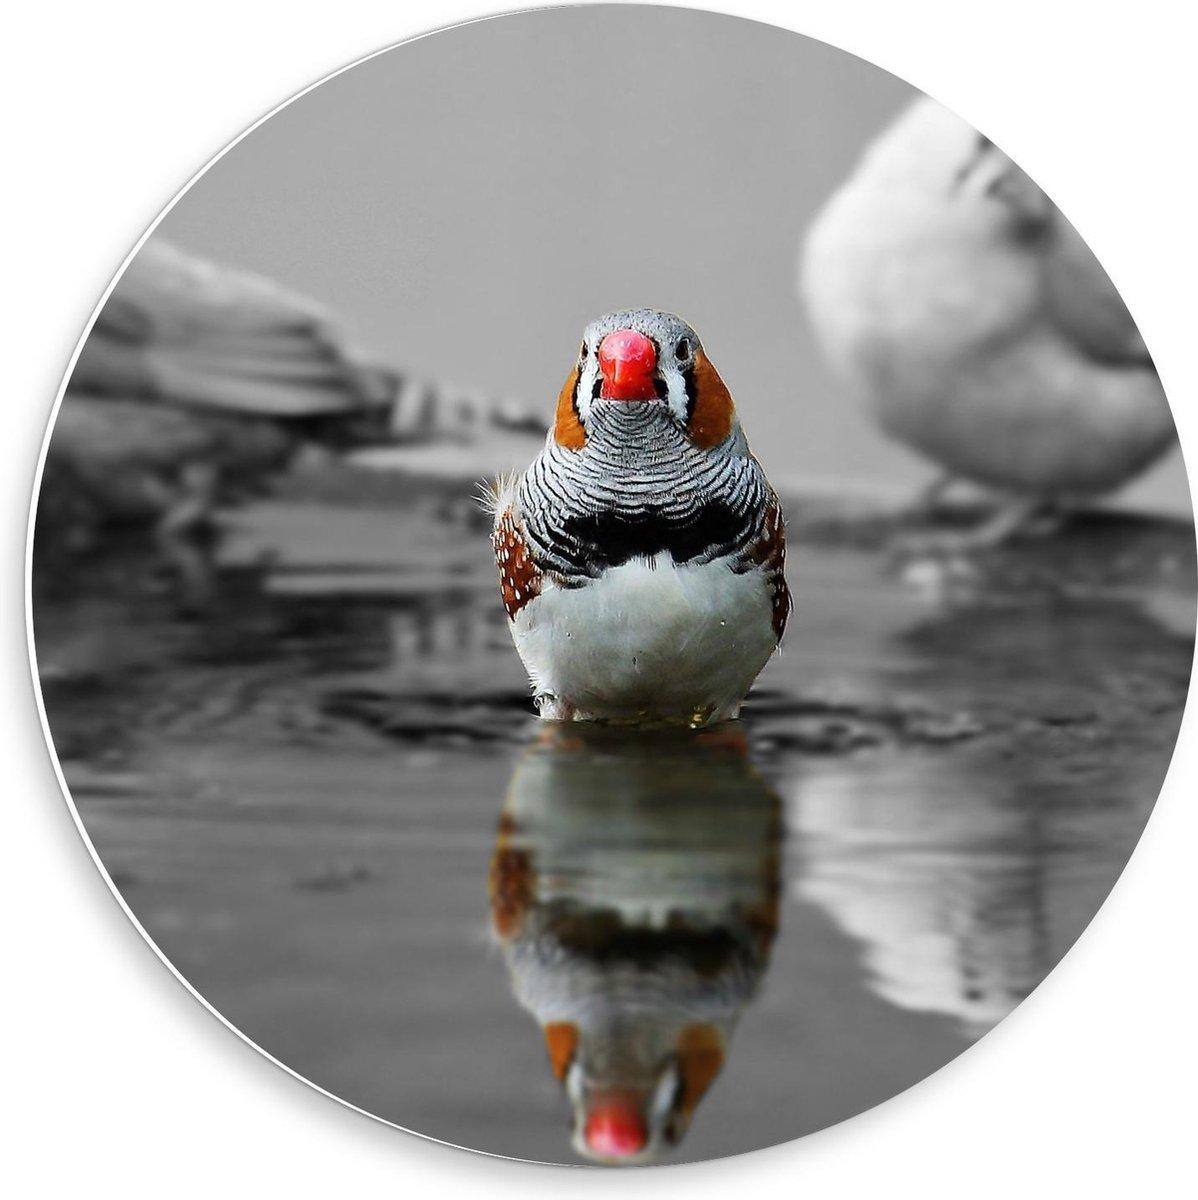 Forex Wandcirkel - Gekleurde Vogel op zwart/wit achtergrond - 50x50cm Foto op Wandcirkel (met ophangsysteem)